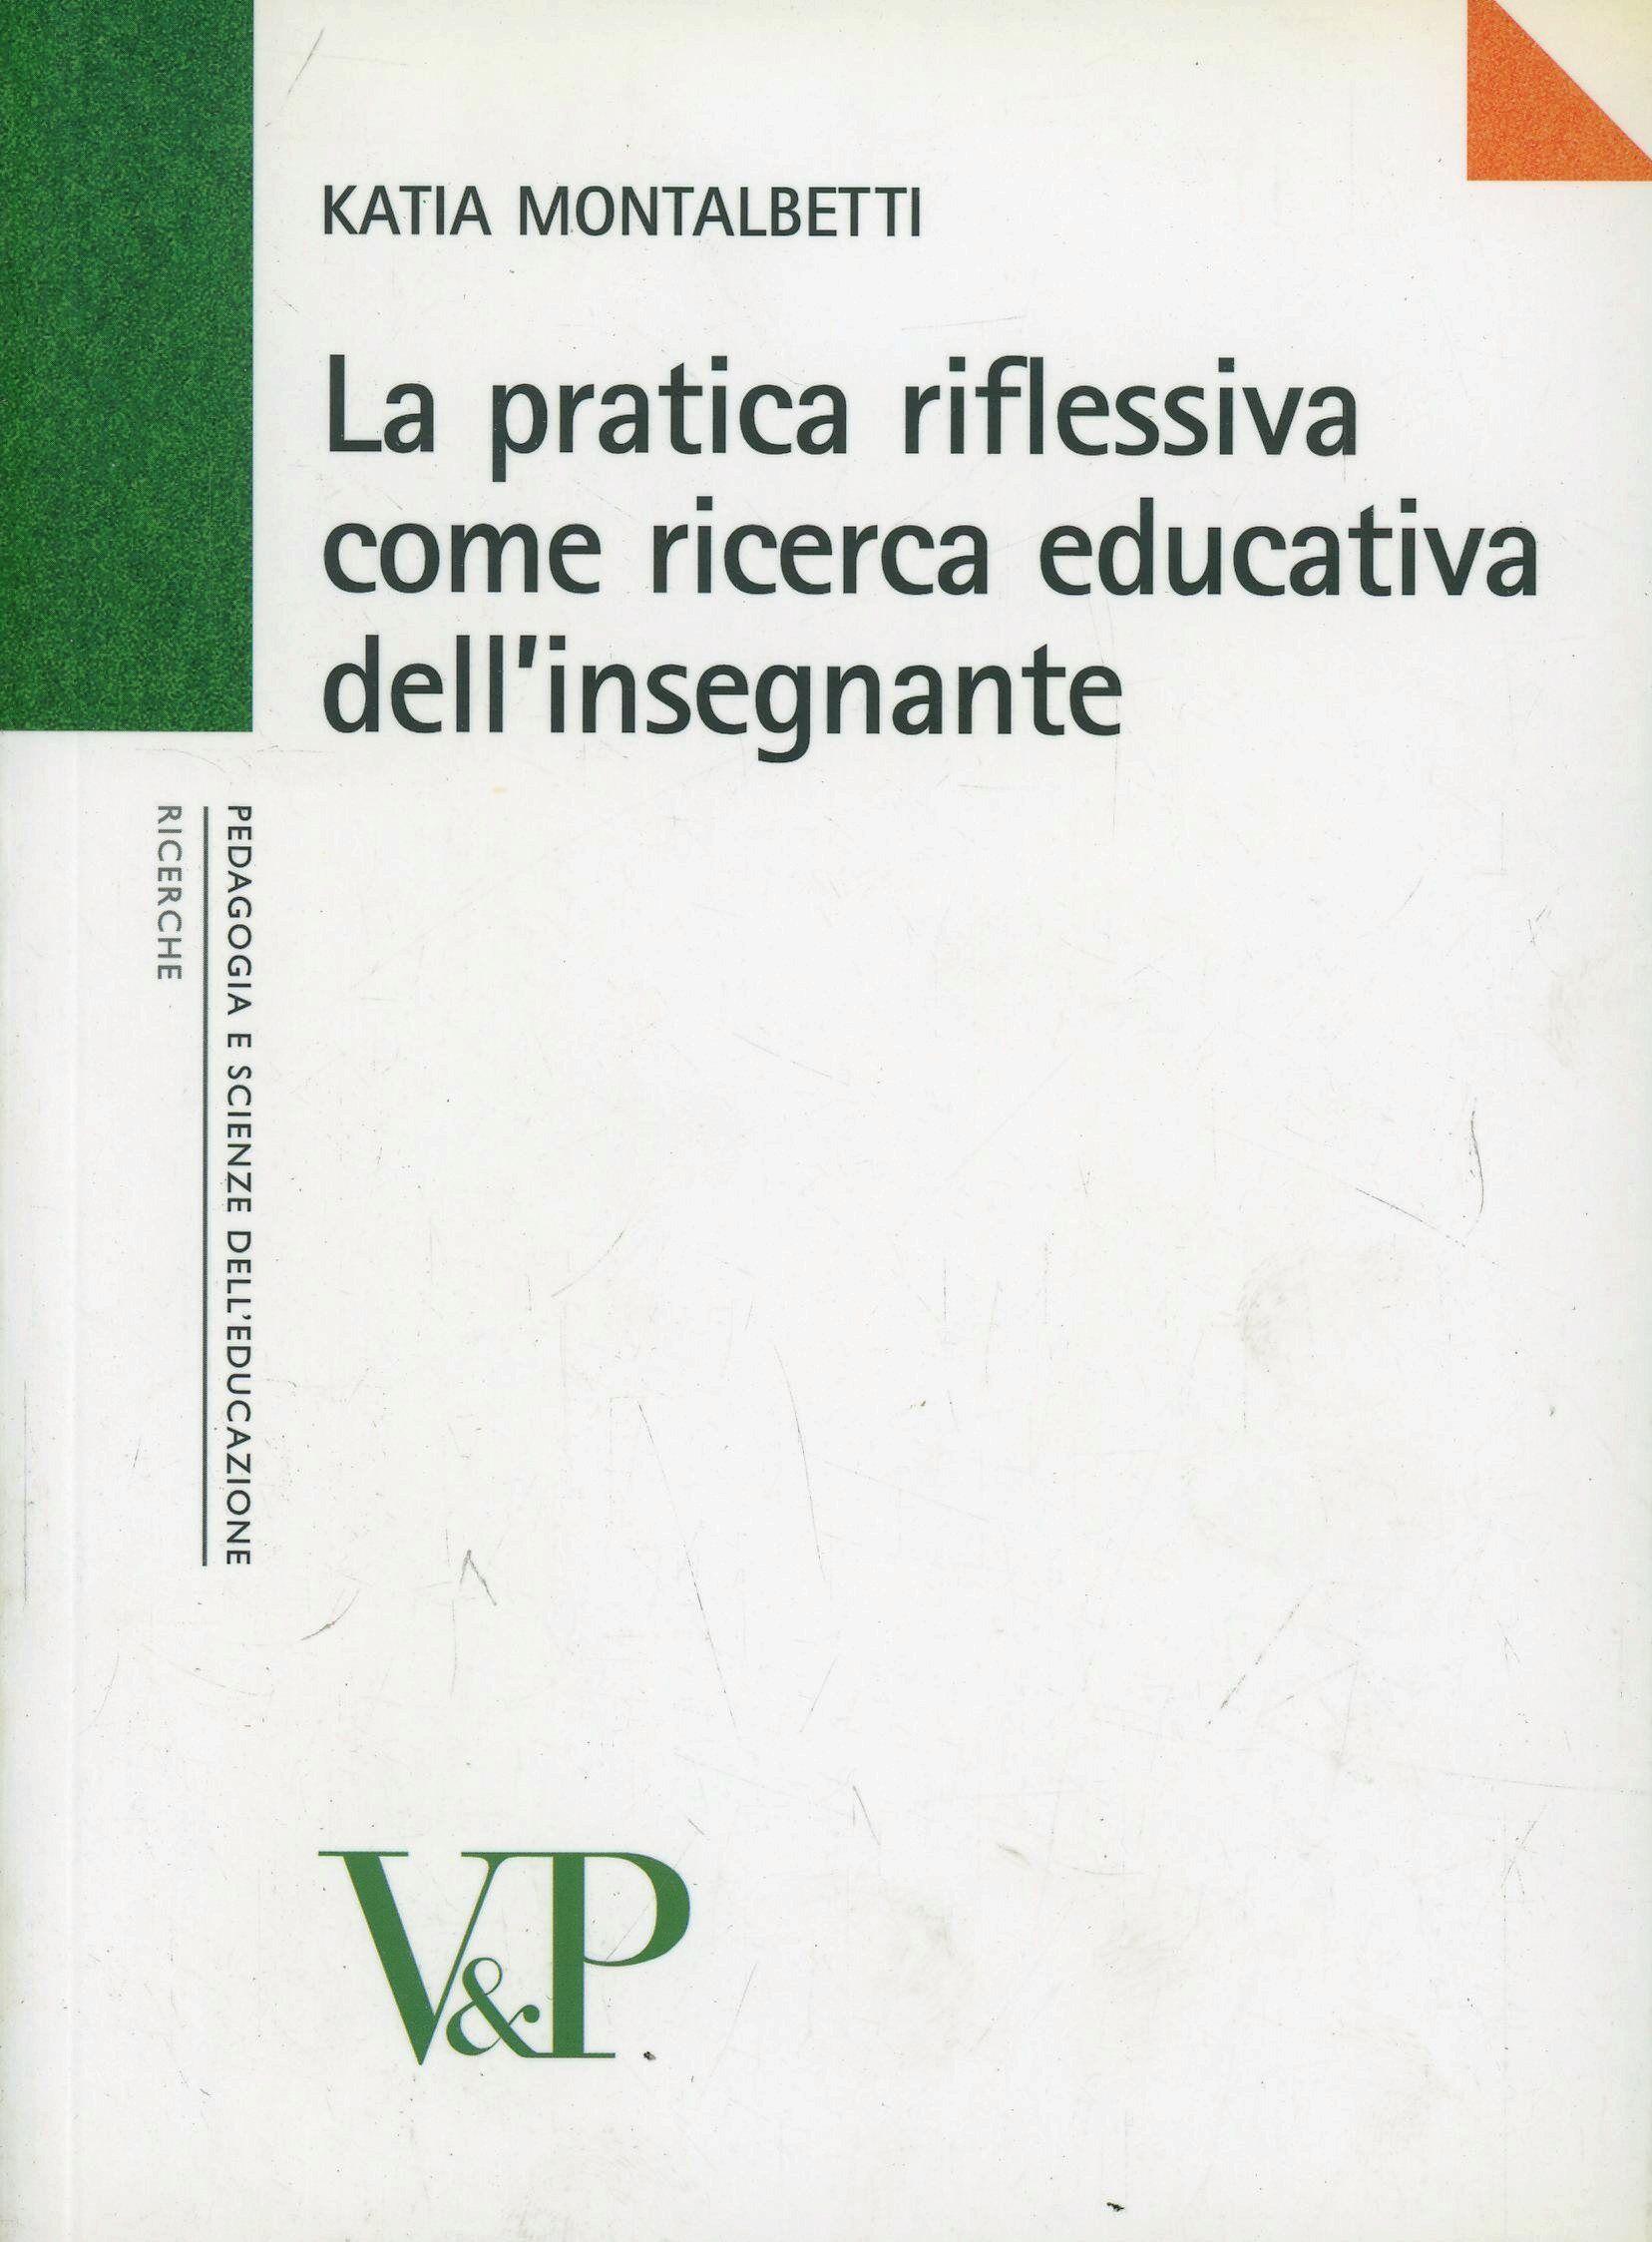 La pratica riflessiva come ricerca educativa dell'insegnante